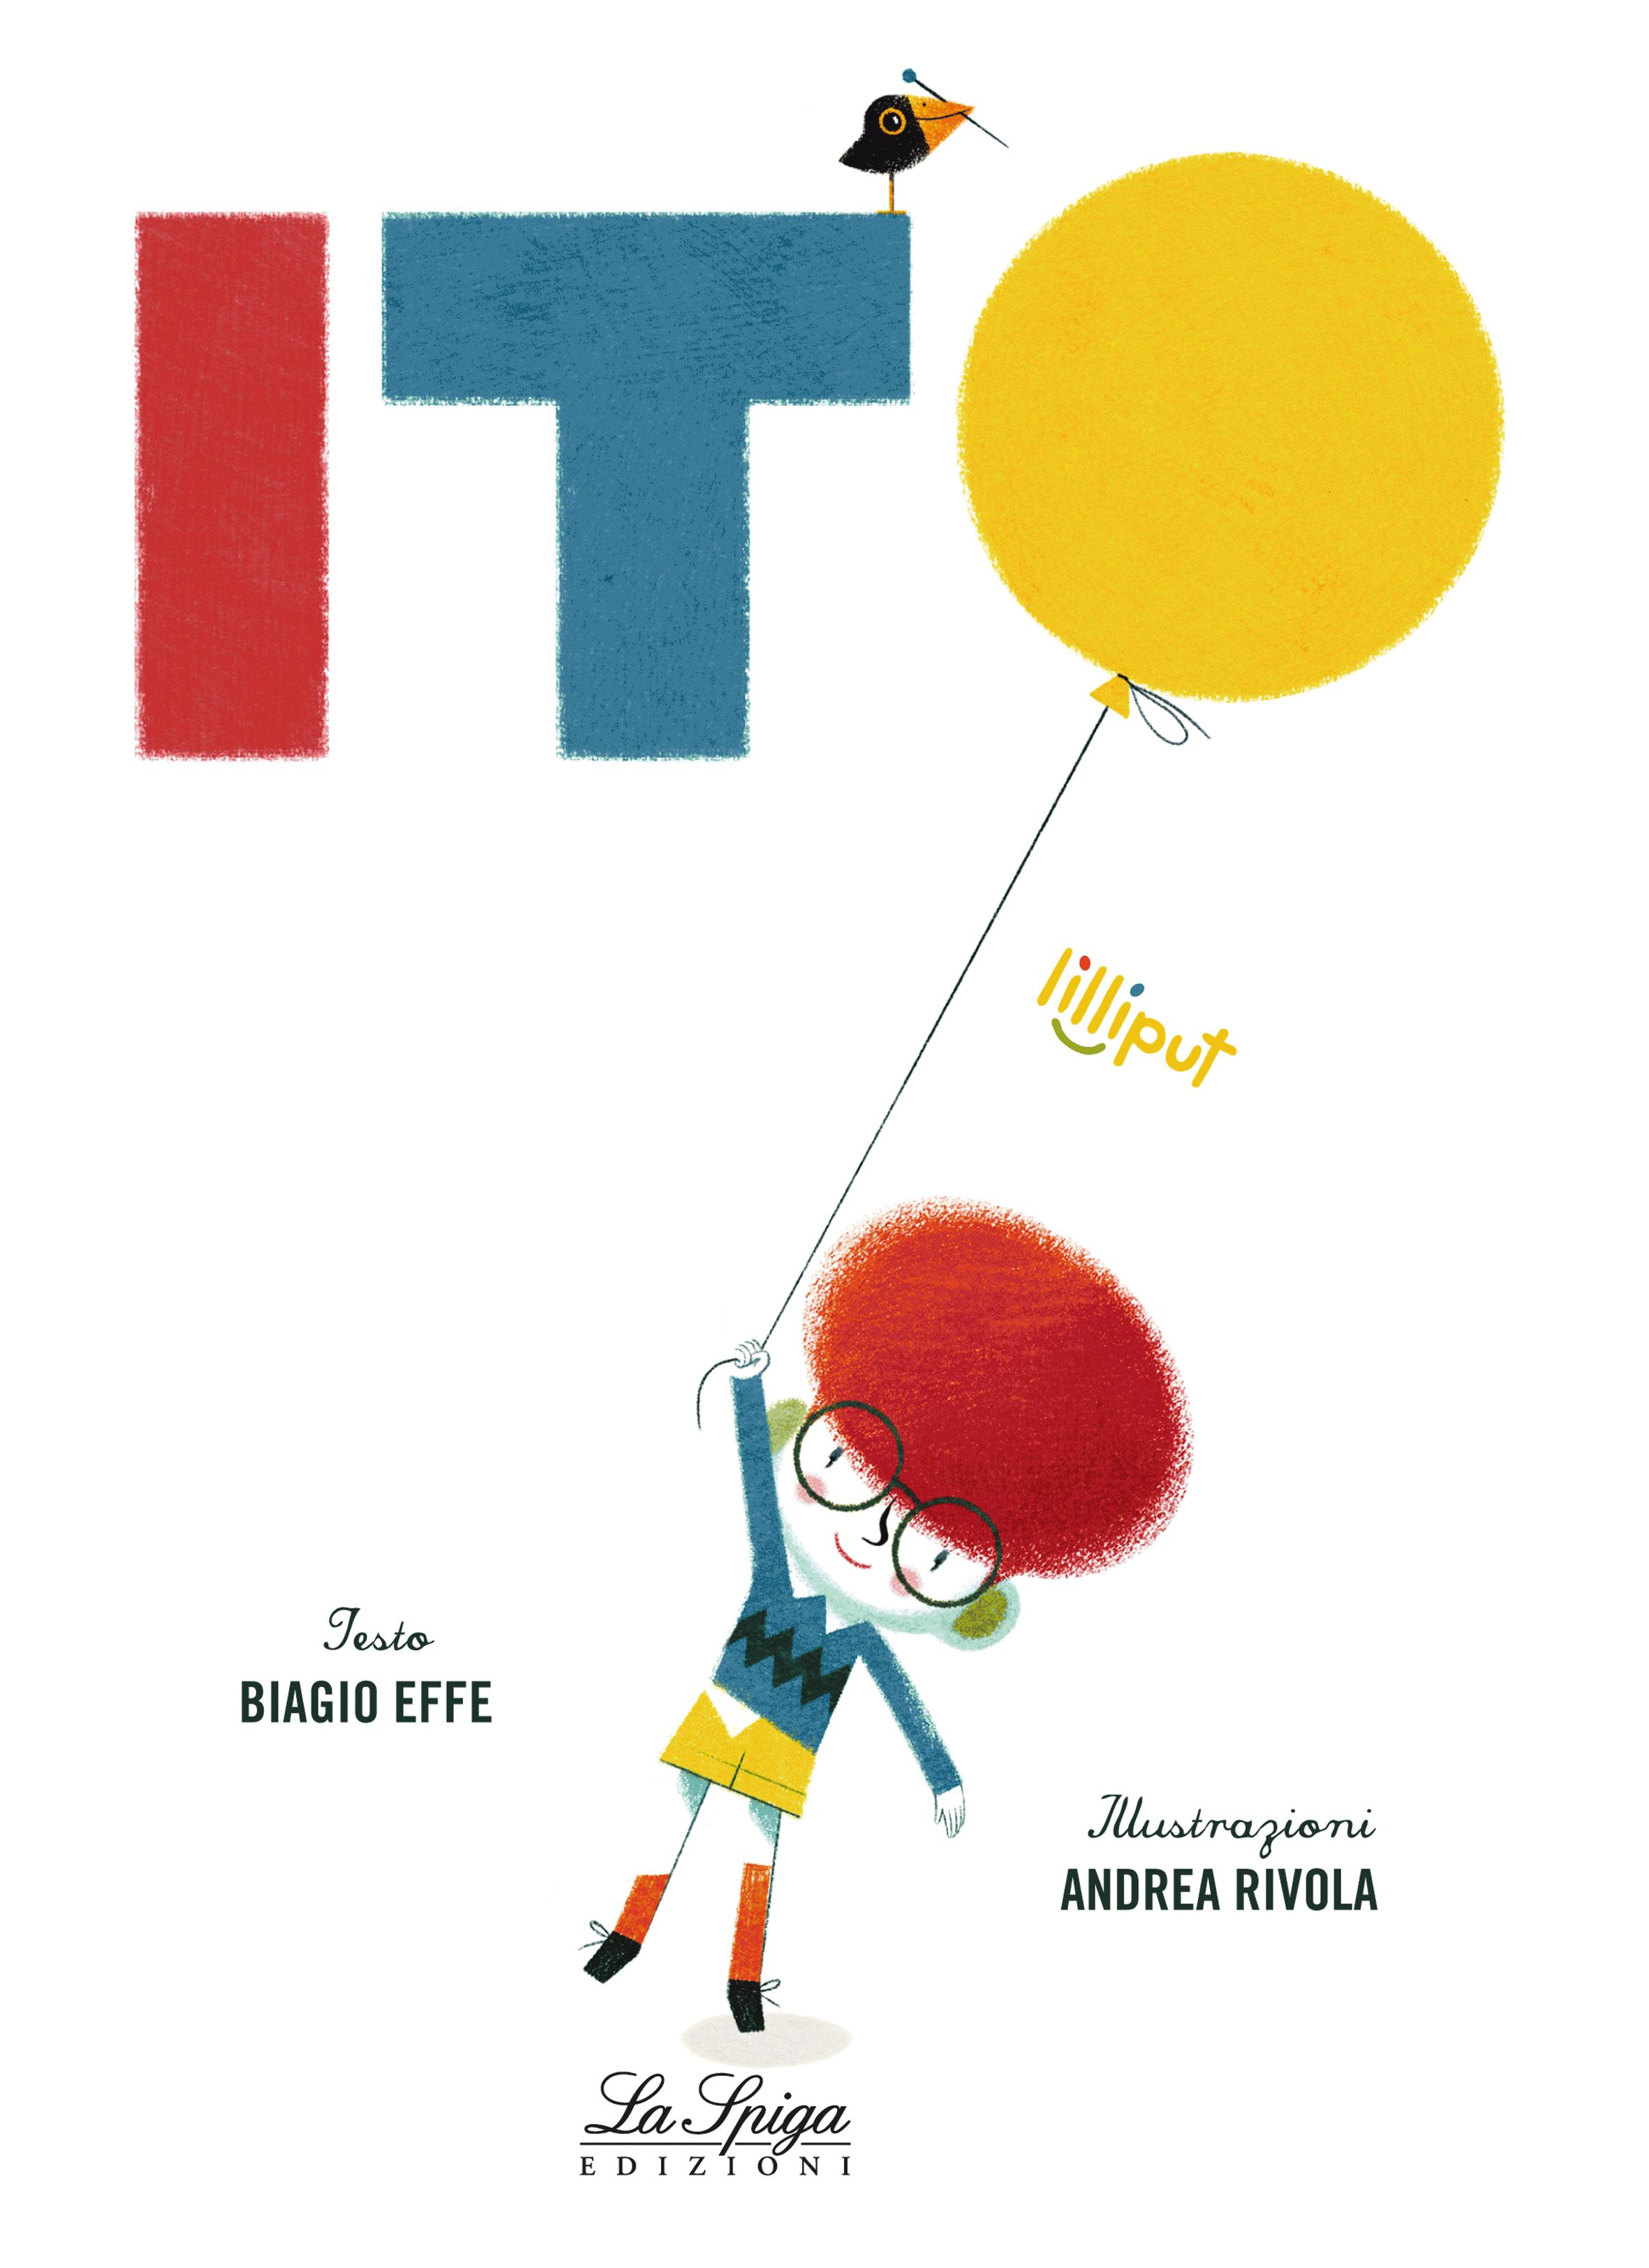 Ito, Biagio Effe - ill. di Andrea Rivola